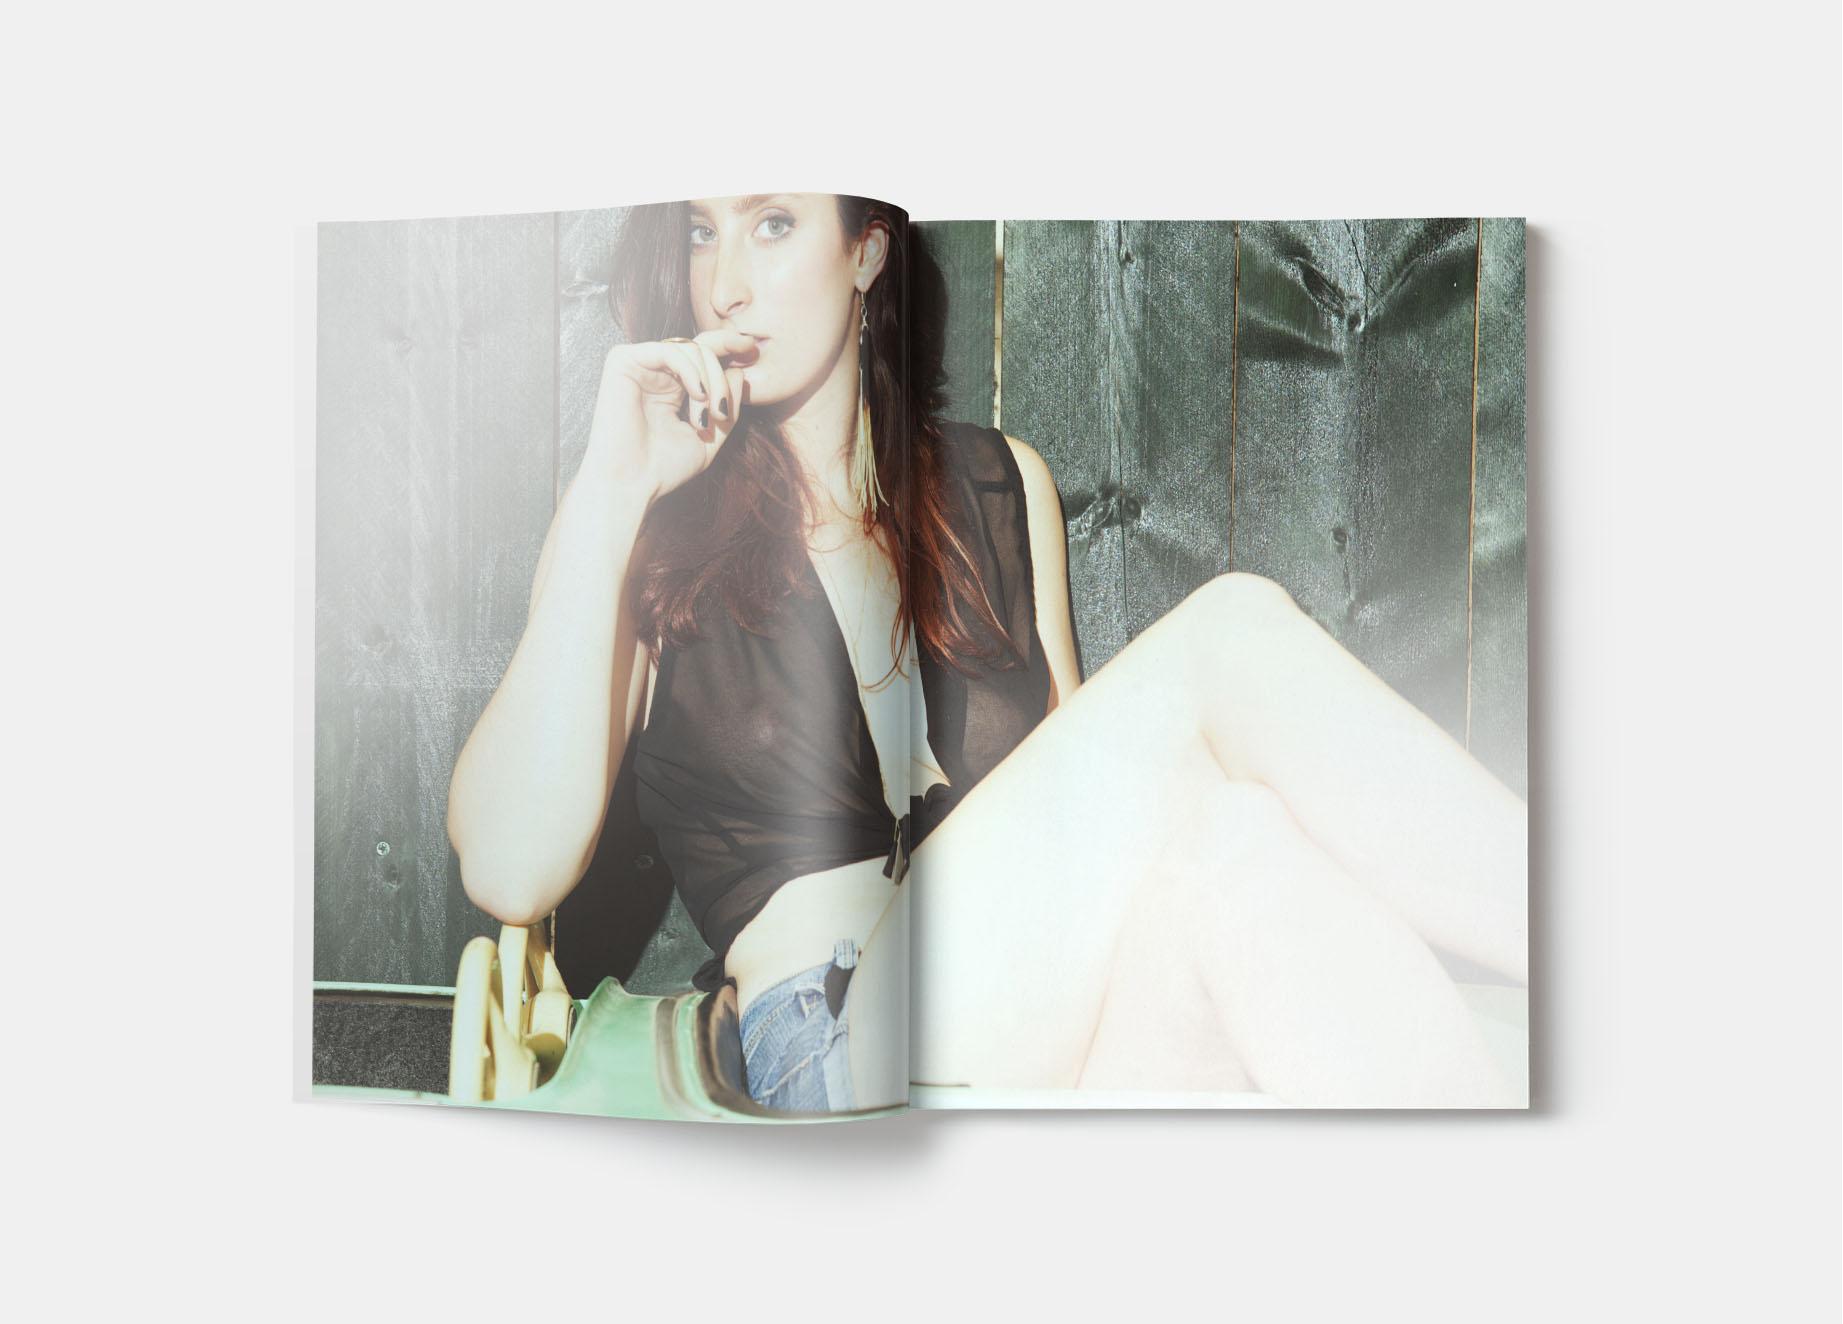 Publication - mode - Photos : Laurent Scavone. Laurent Scavone est un photographe de mode et de publicité.